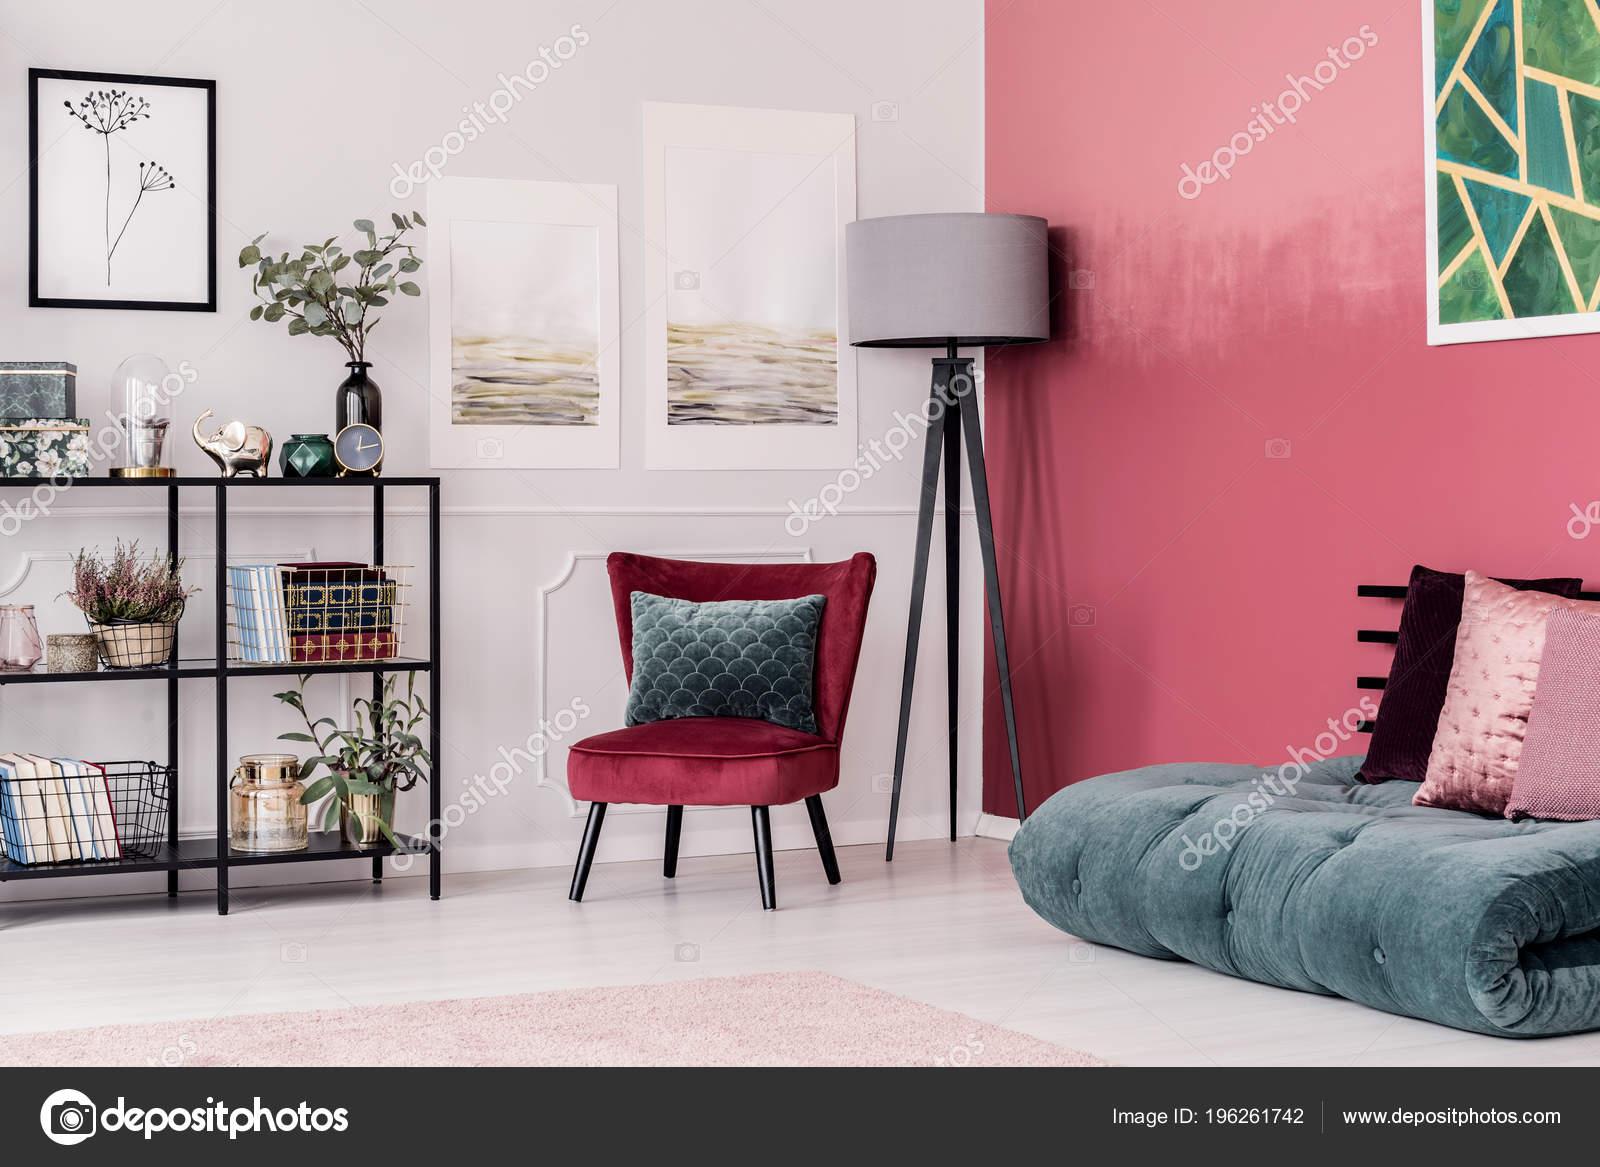 Camera Da Letto Verde Smeraldo : Verde smeraldo futon con cuscini rosa sul pavimento contro rosso